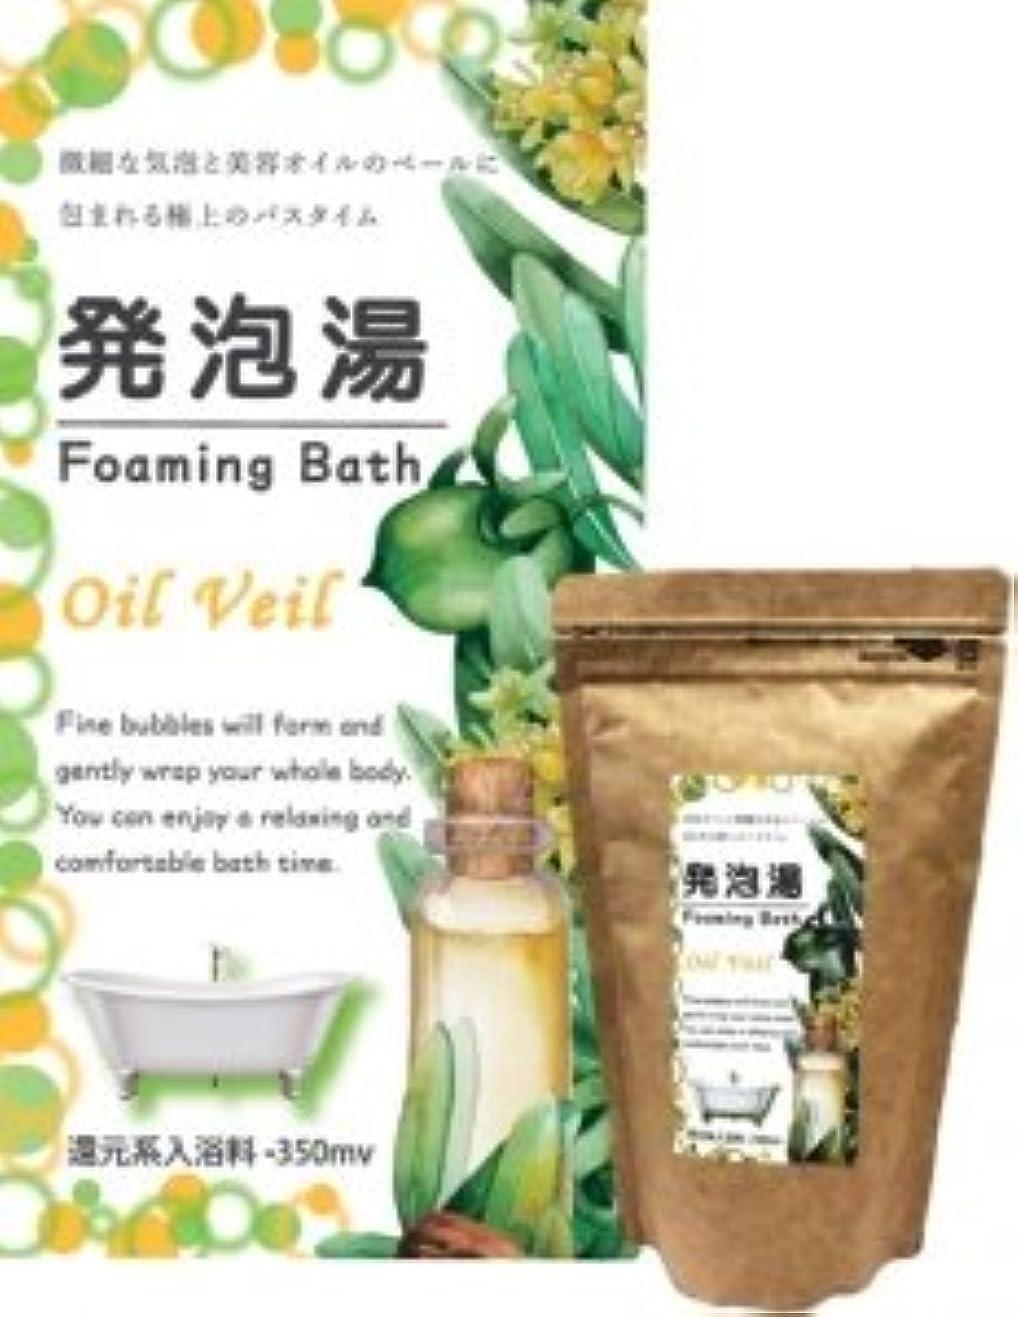 ワーカーボット悲しい発泡湯(はっぽうとう) Foaming Bath OilVeil オイルベール お徳用15回分